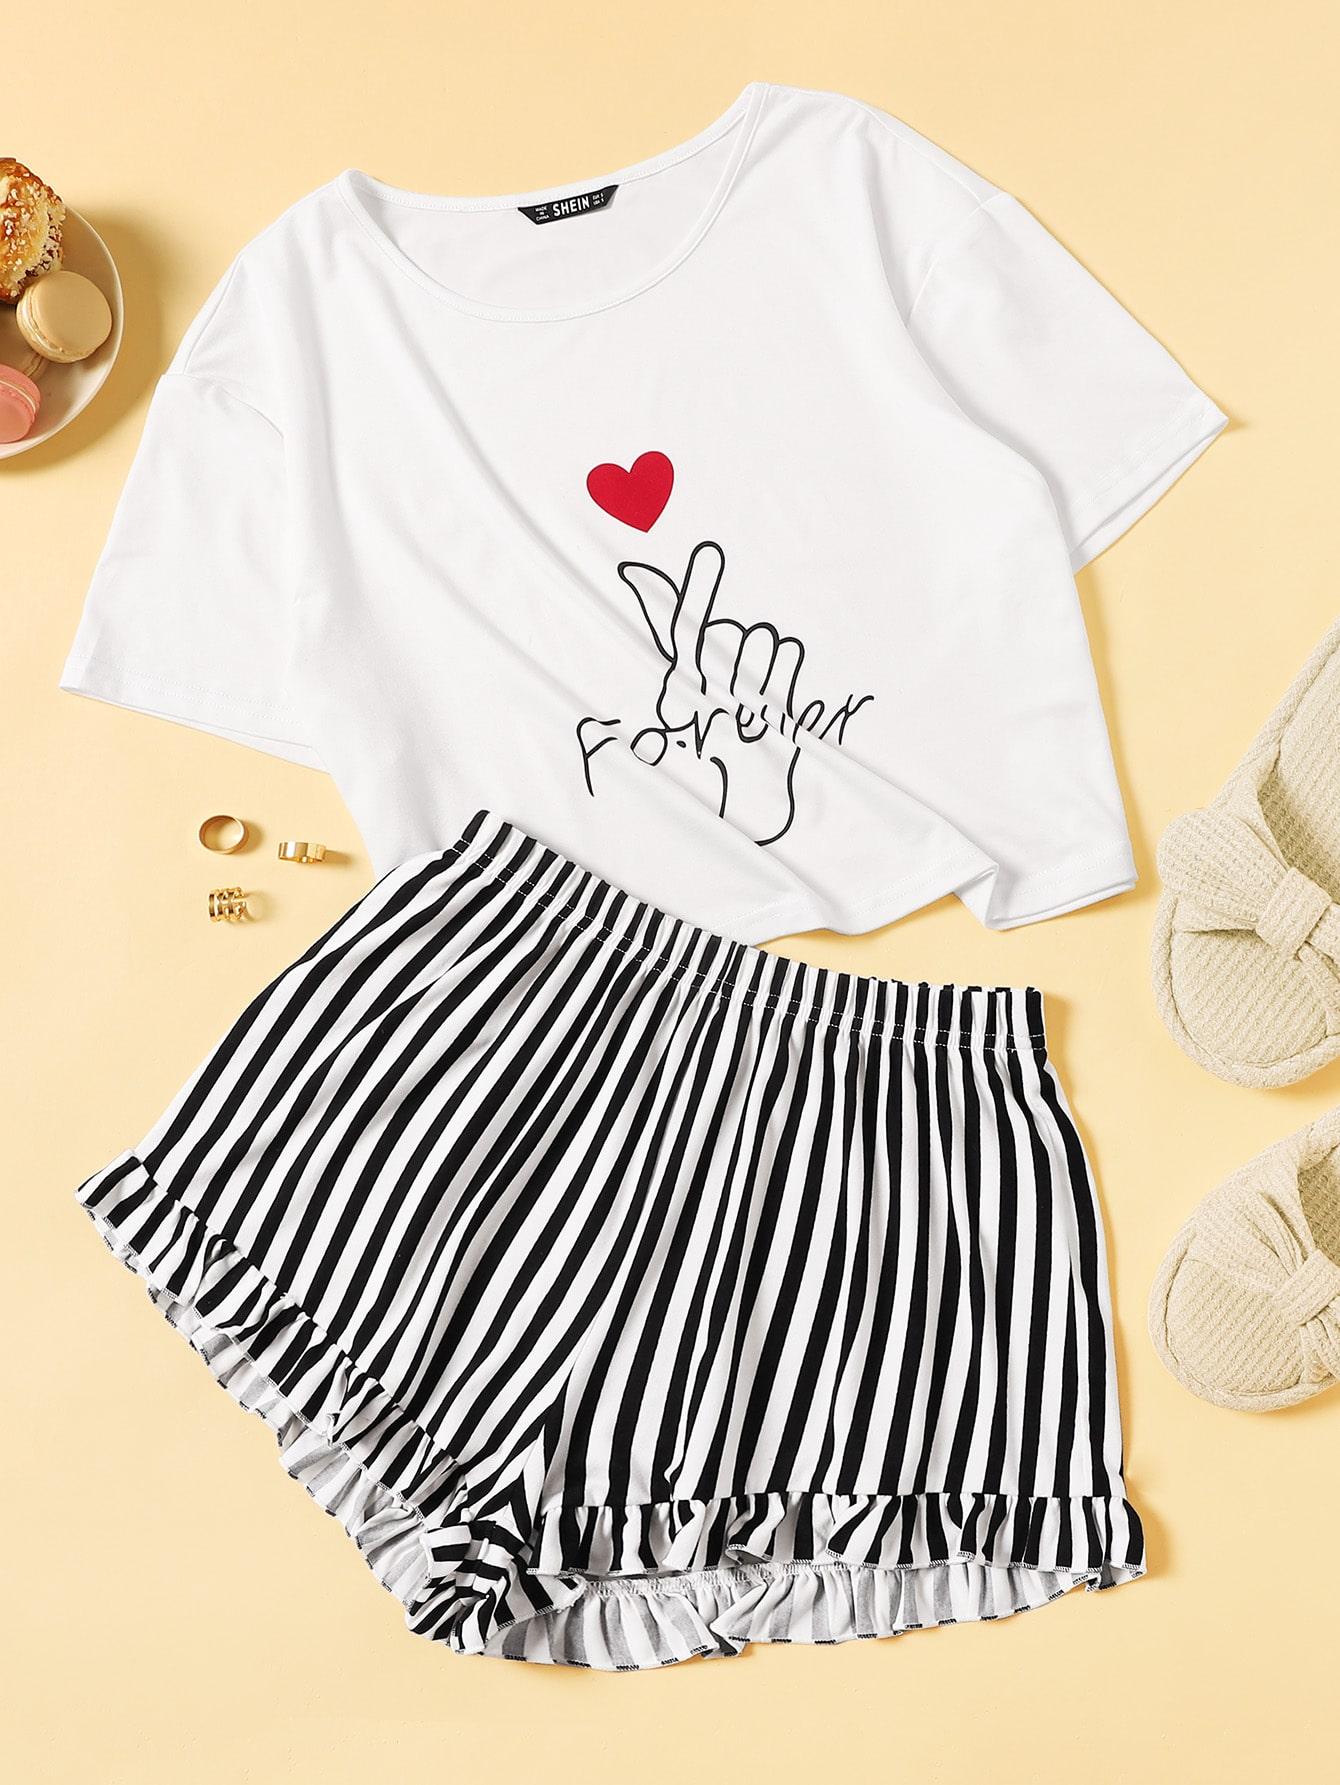 Фото - Топ с текстовым и графическим принтом и полосатые шорты пижама комплект от SheIn цвет чёрнобелые